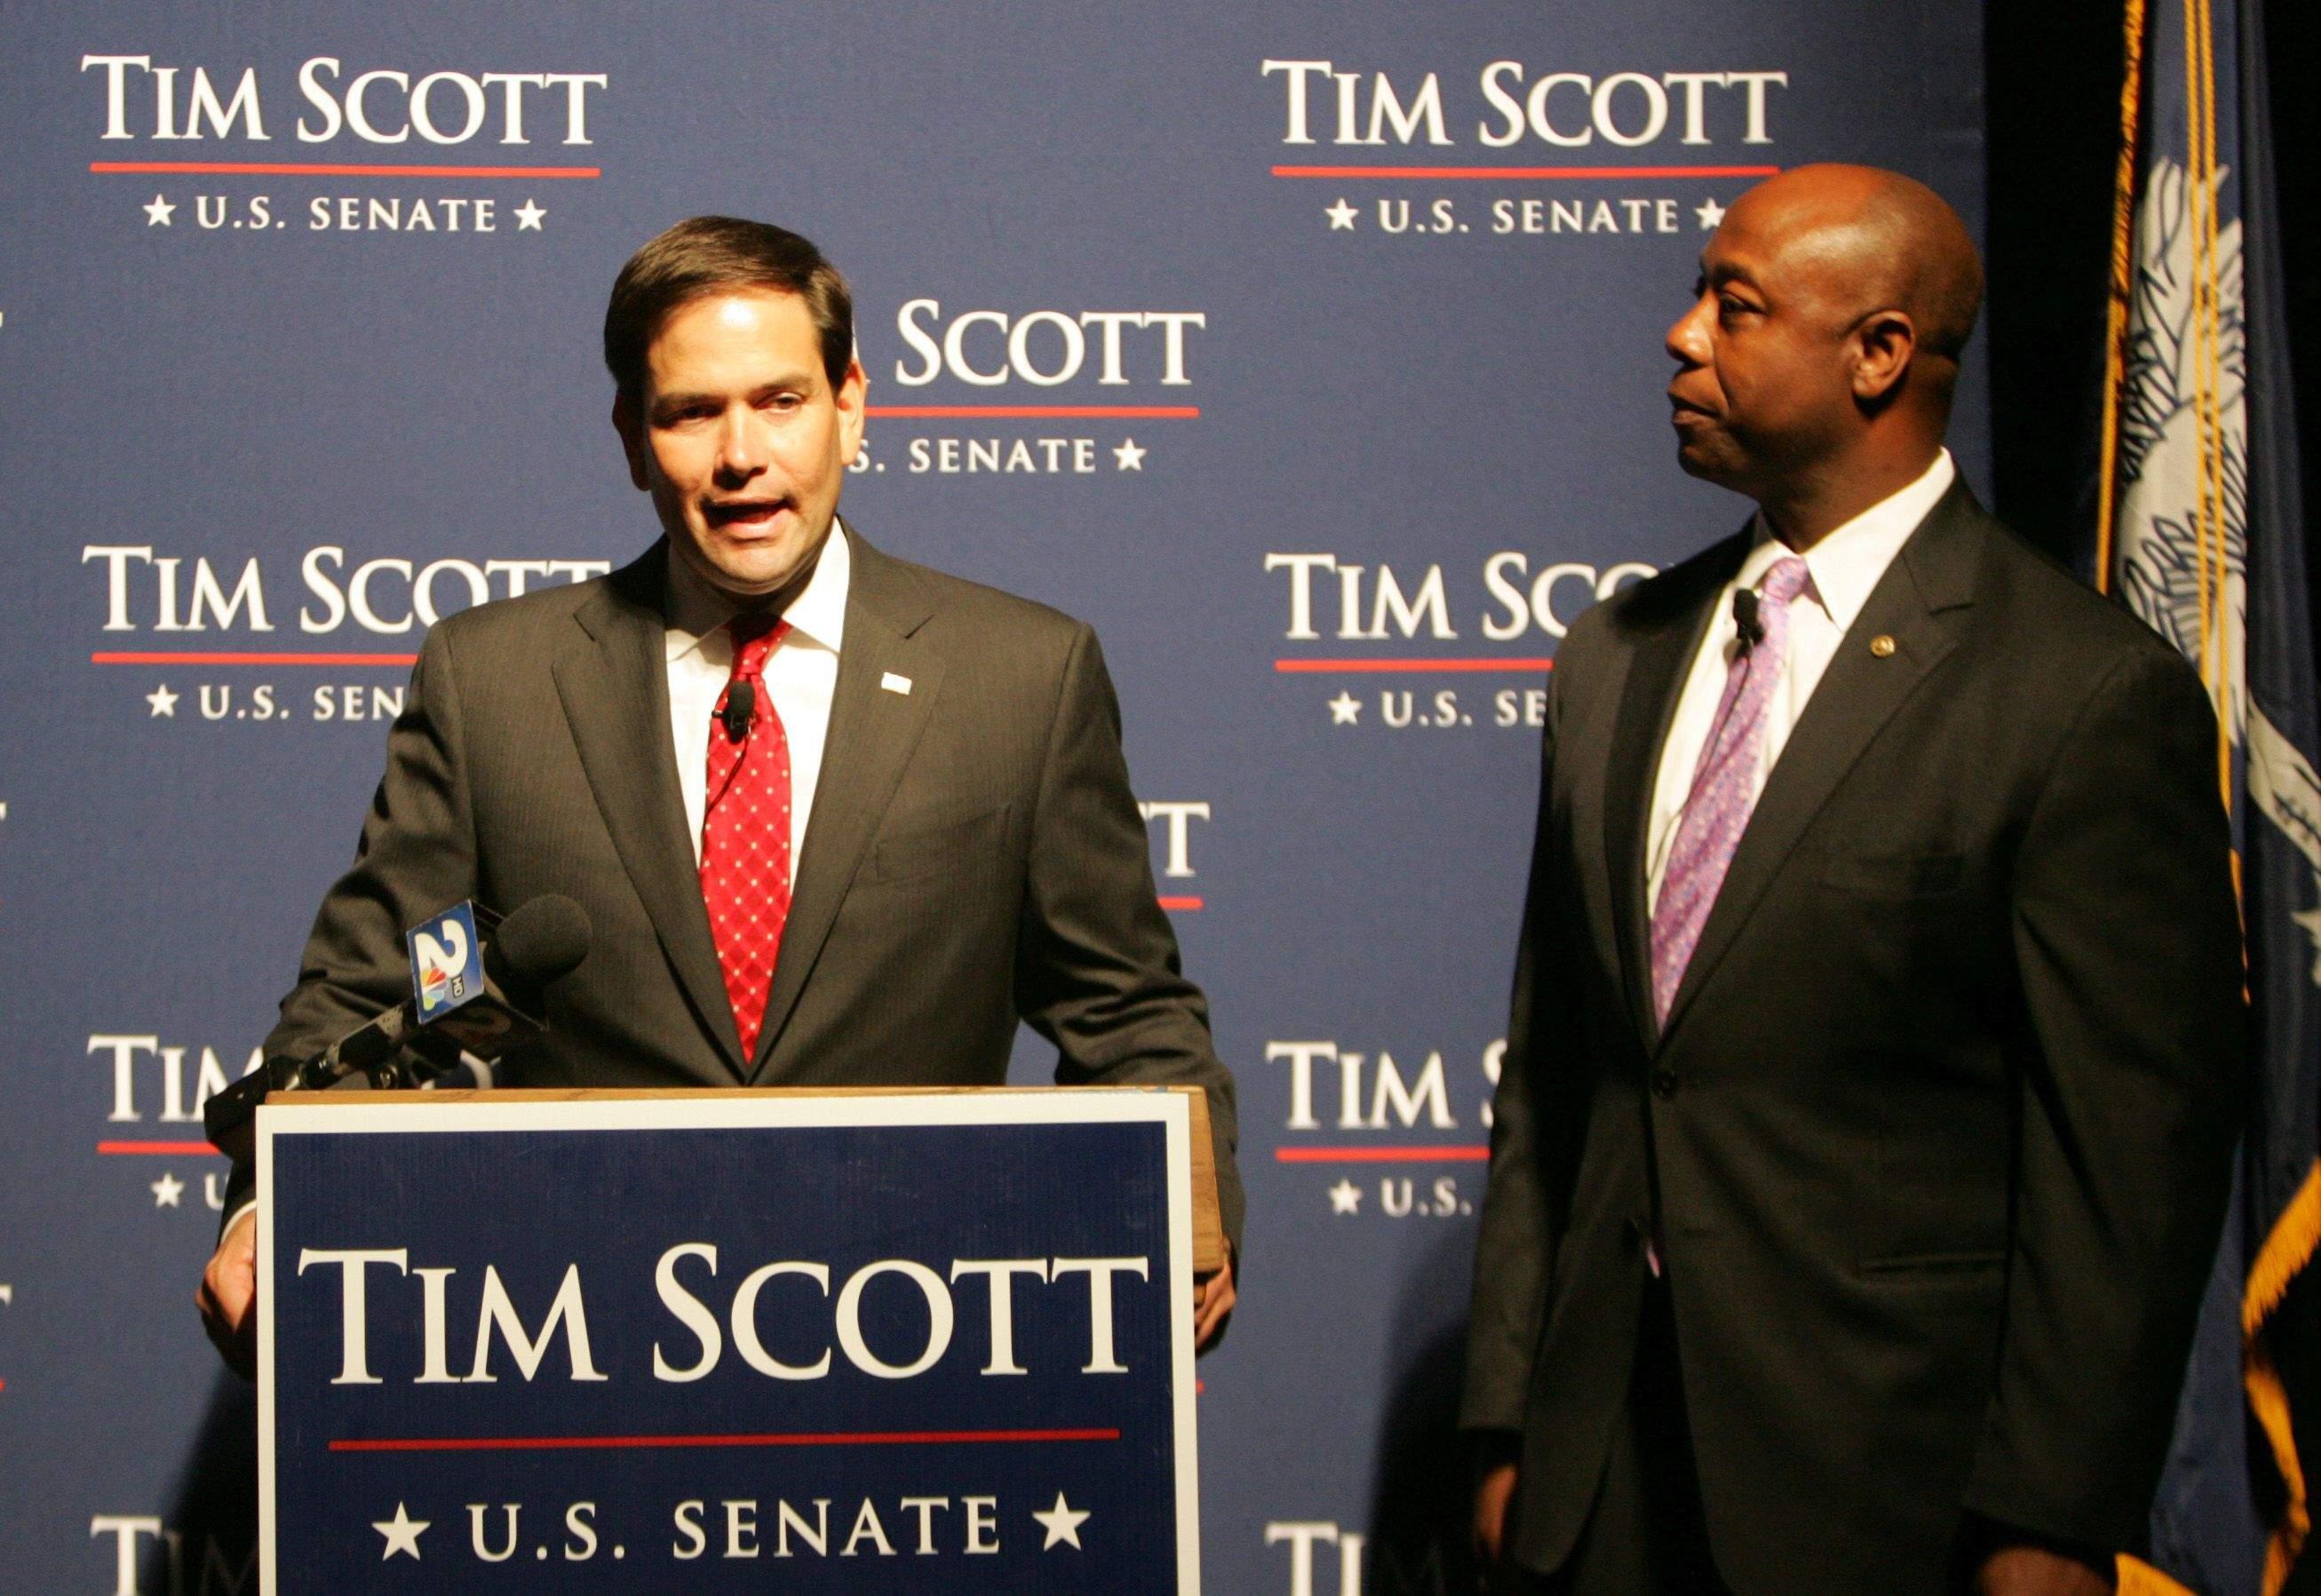 Tim-Scott-Marco-Rubio.jpg